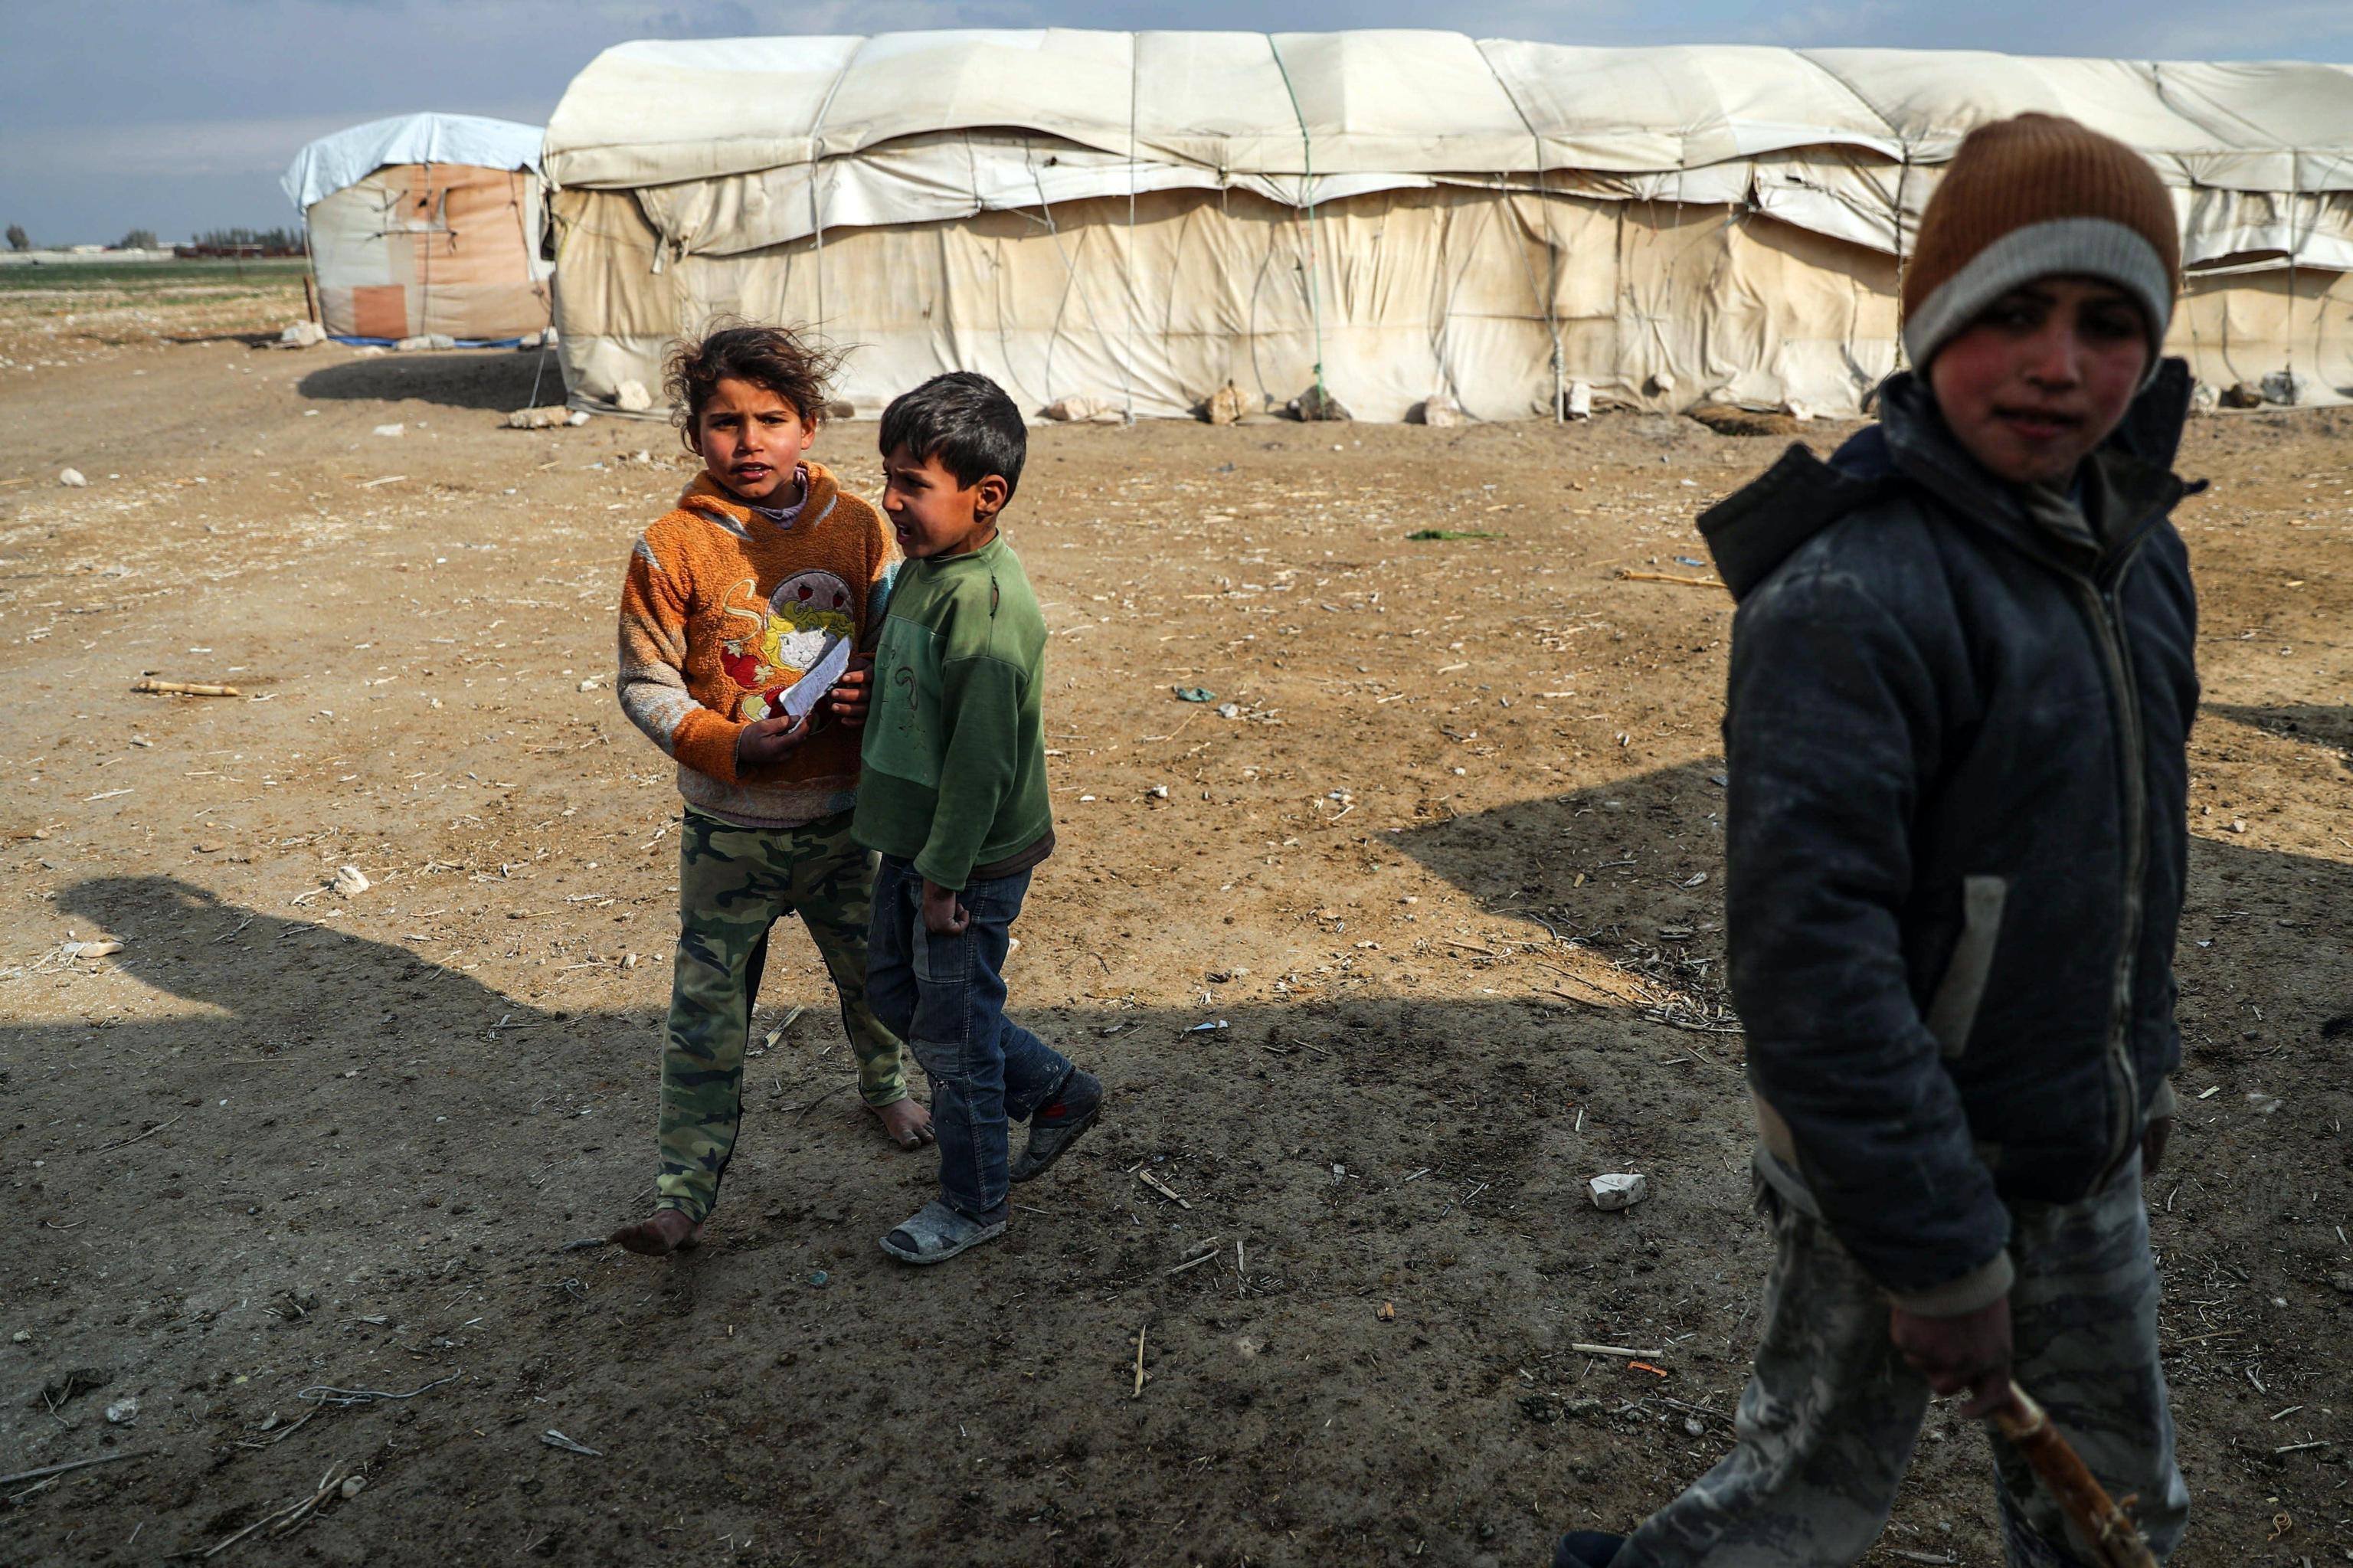 Bambini siriani sfollati giocano nel loro accampamento ad al-Asha'ari